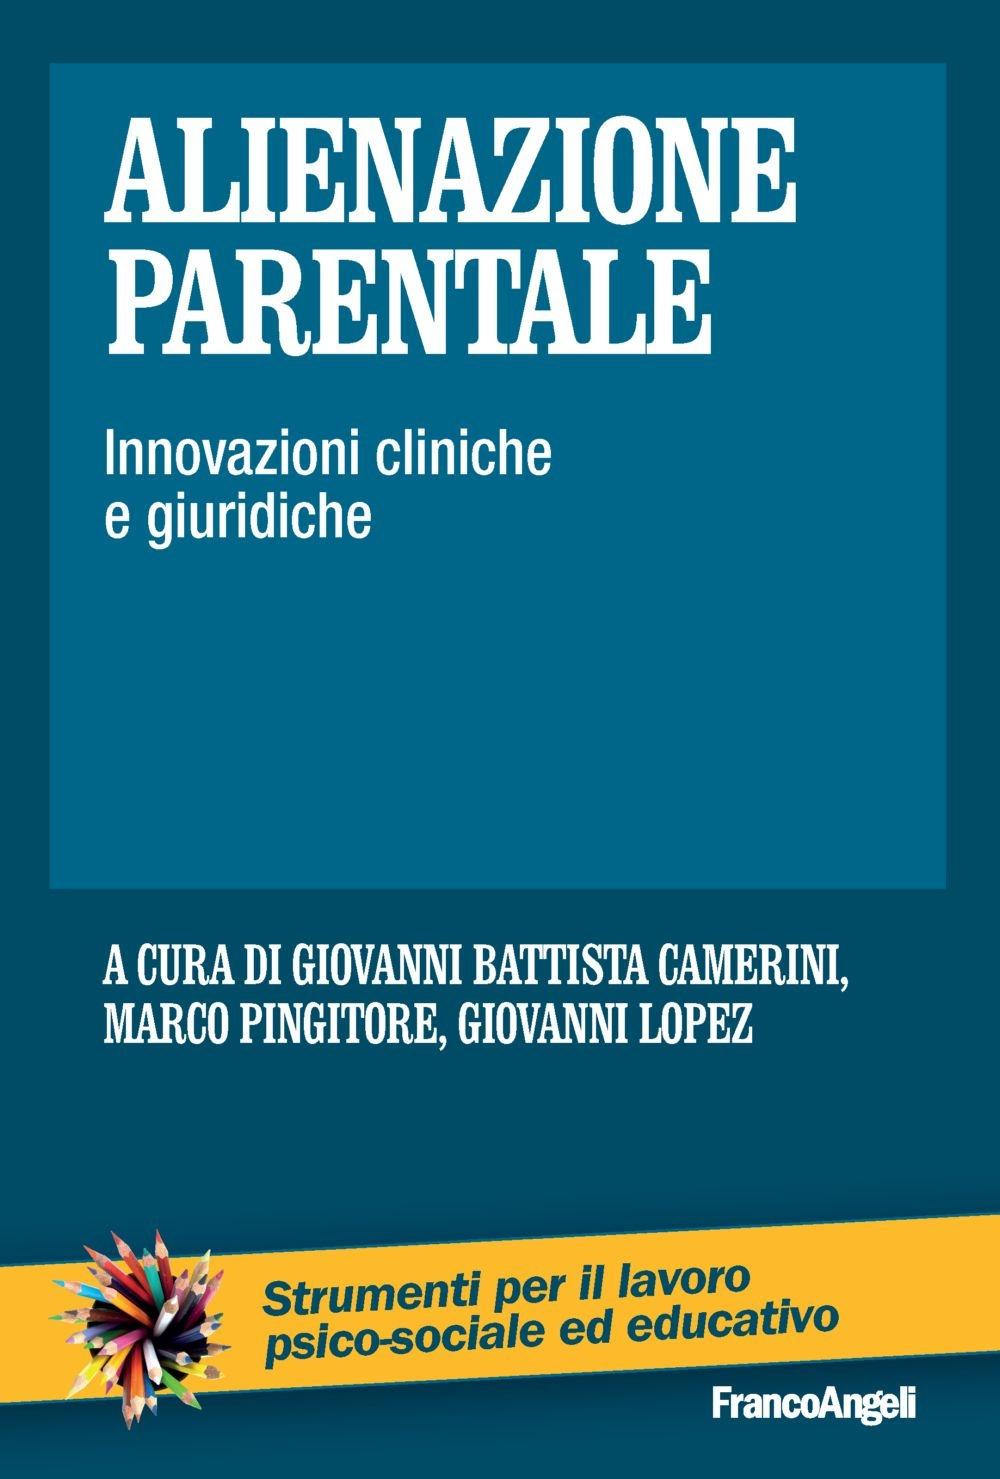 Alienazione parentale. Innovazioni cliniche e giuridiche.